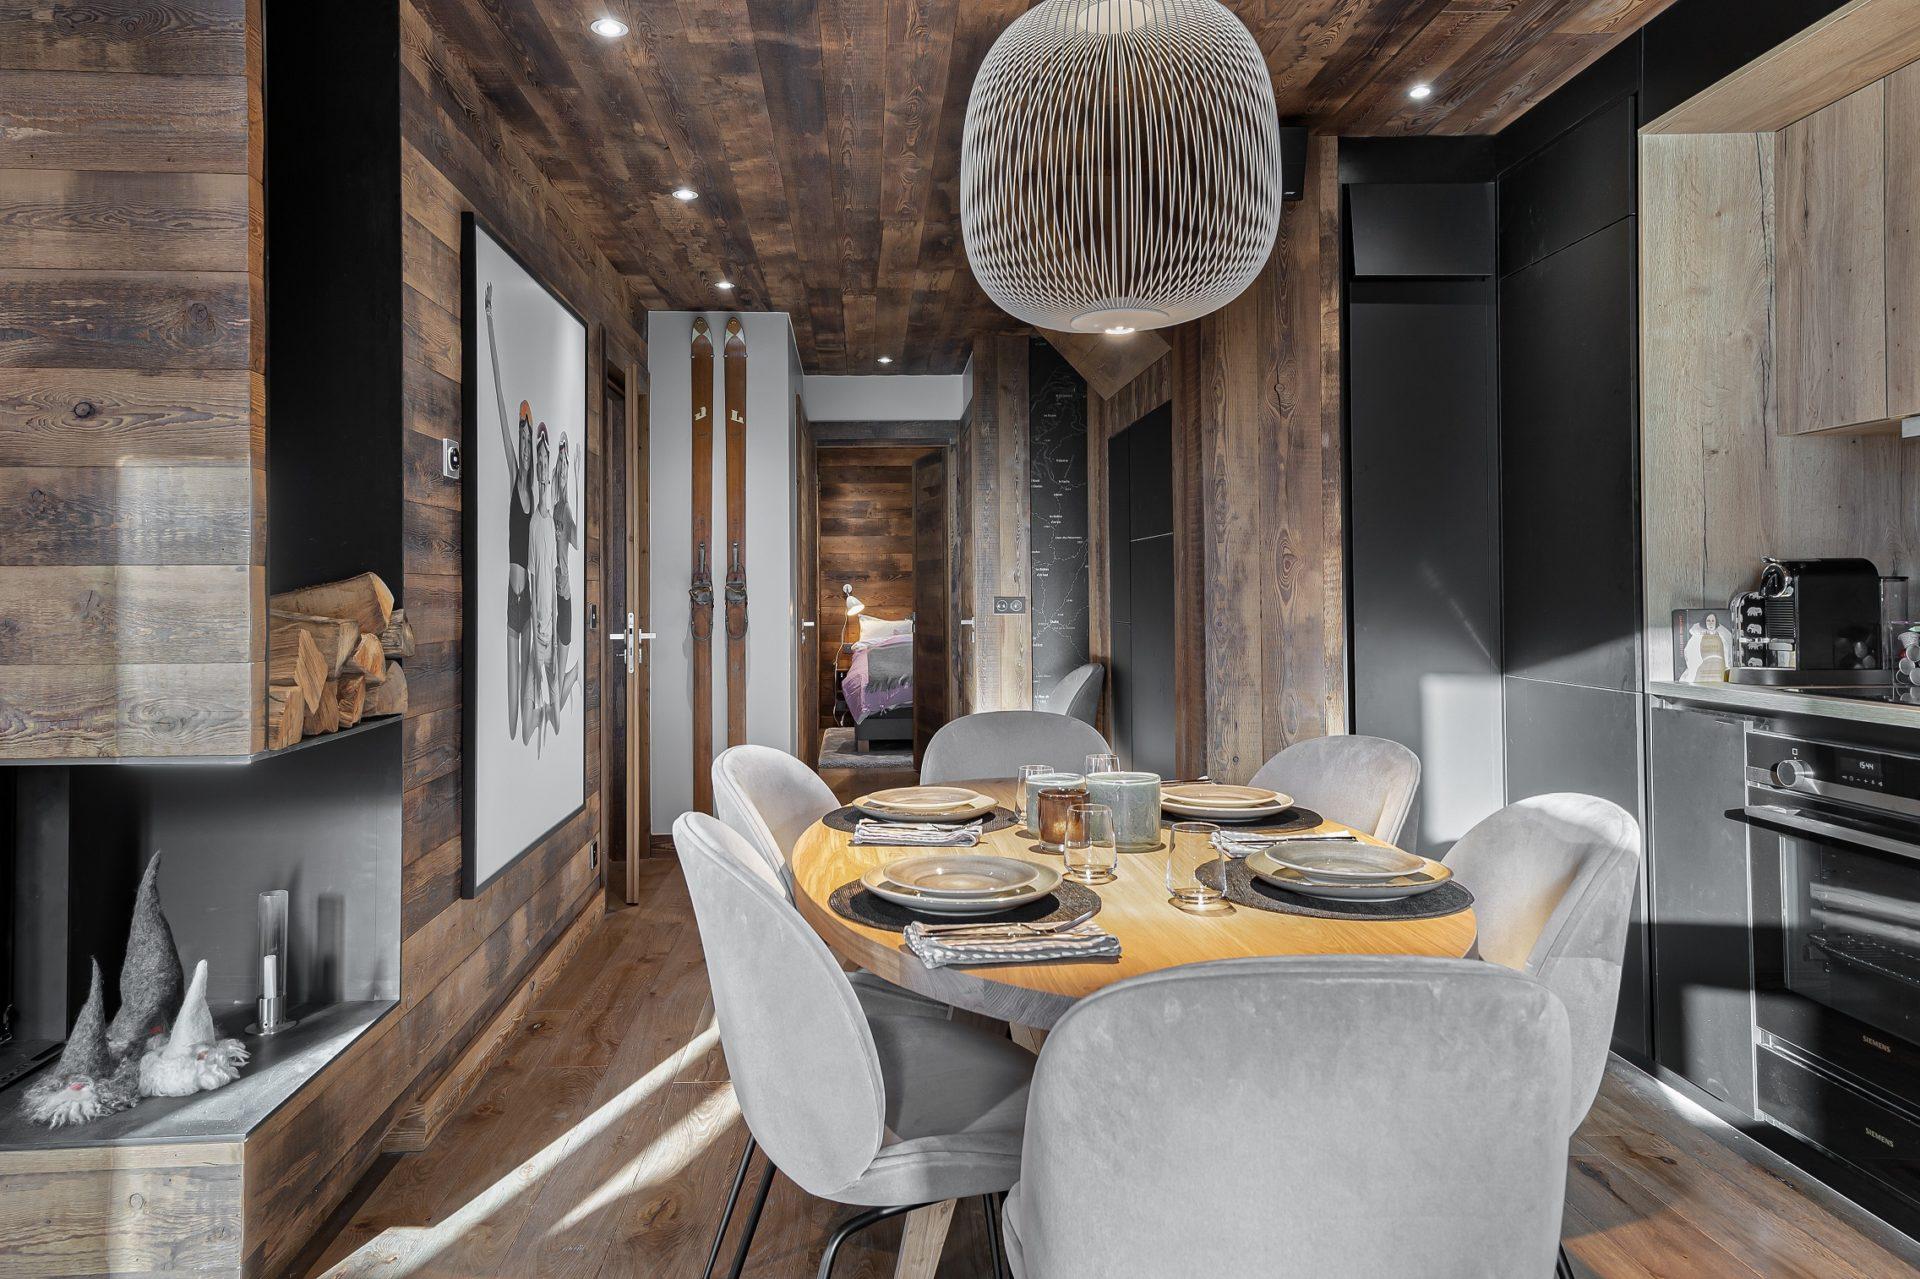 L'Epicerie / Appartement 3 / Salle à manger/ Saint Martin de Belleville, Savoie